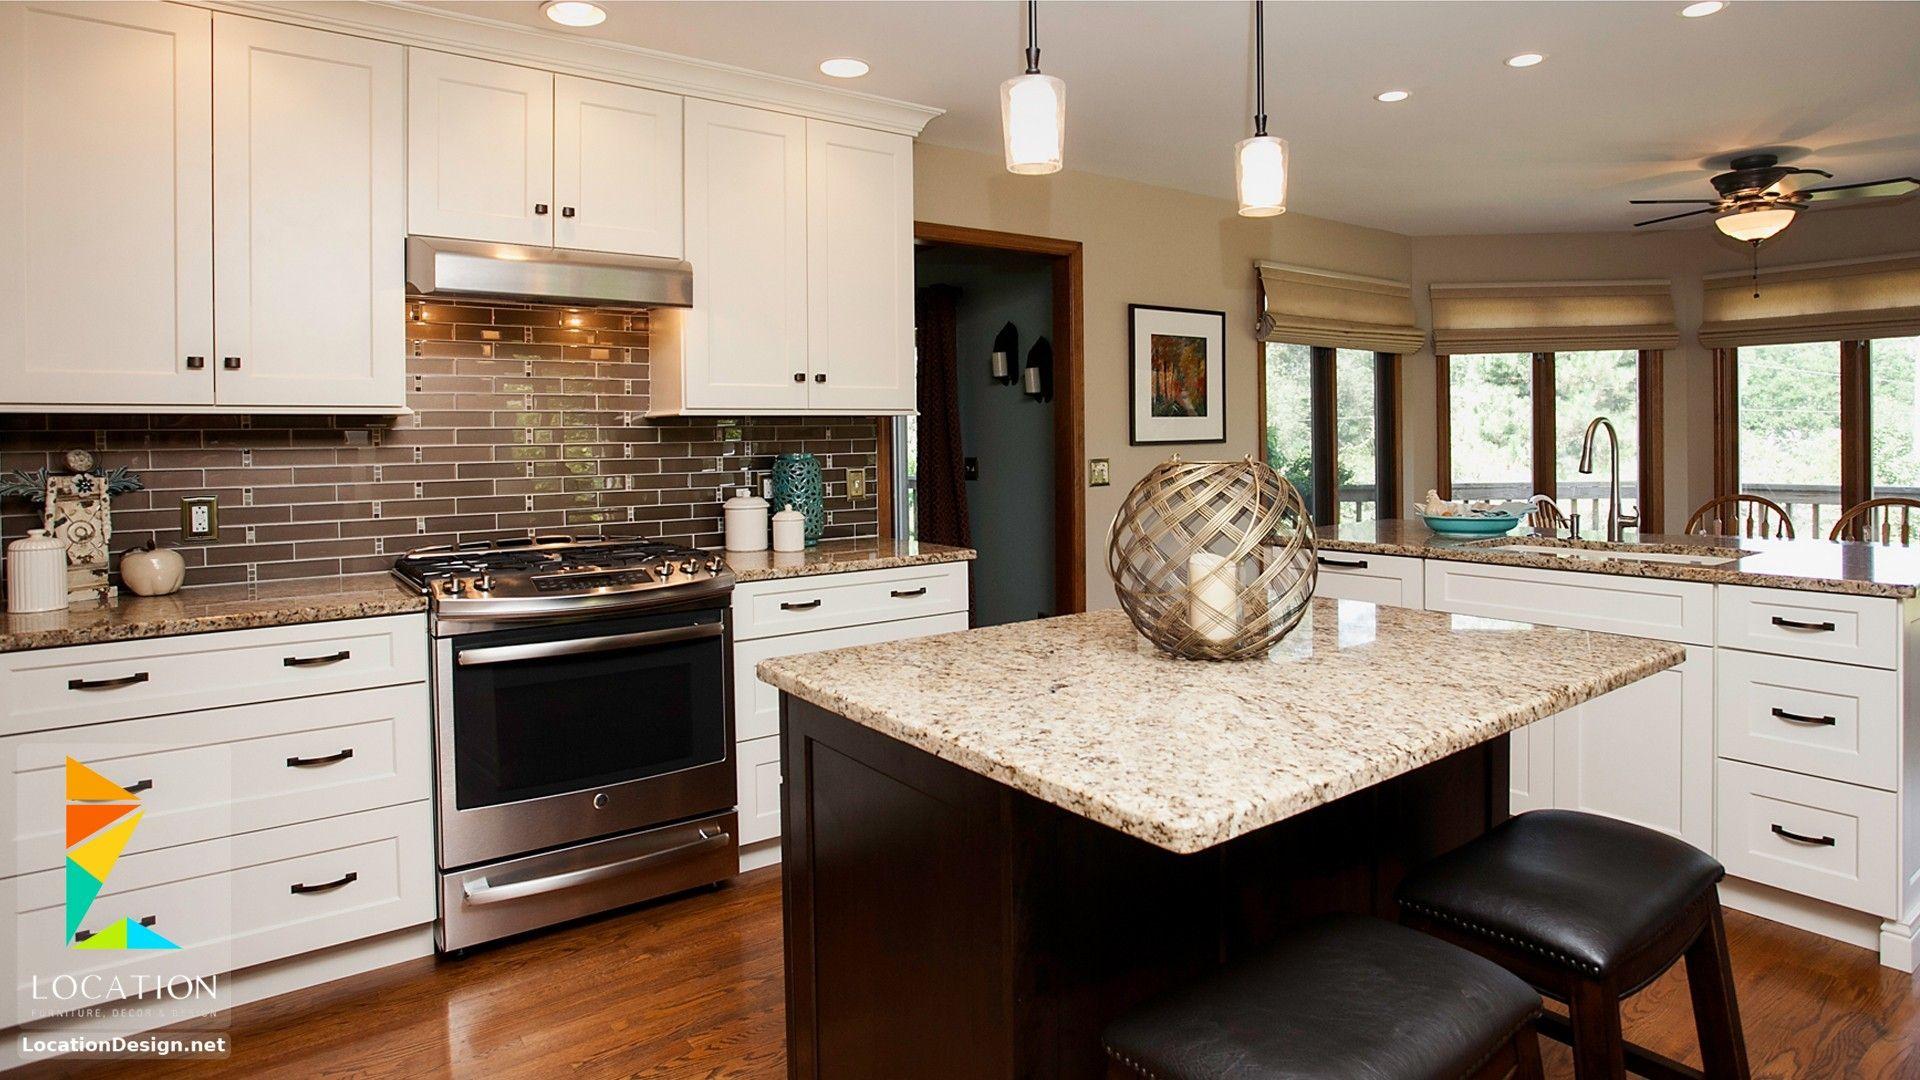 مطابخ خشب صغيرة 2018 2019 لوكشين ديزين نت Handle Cabinet Kitchen Floor Plans Wooden Kitchen Cabinets